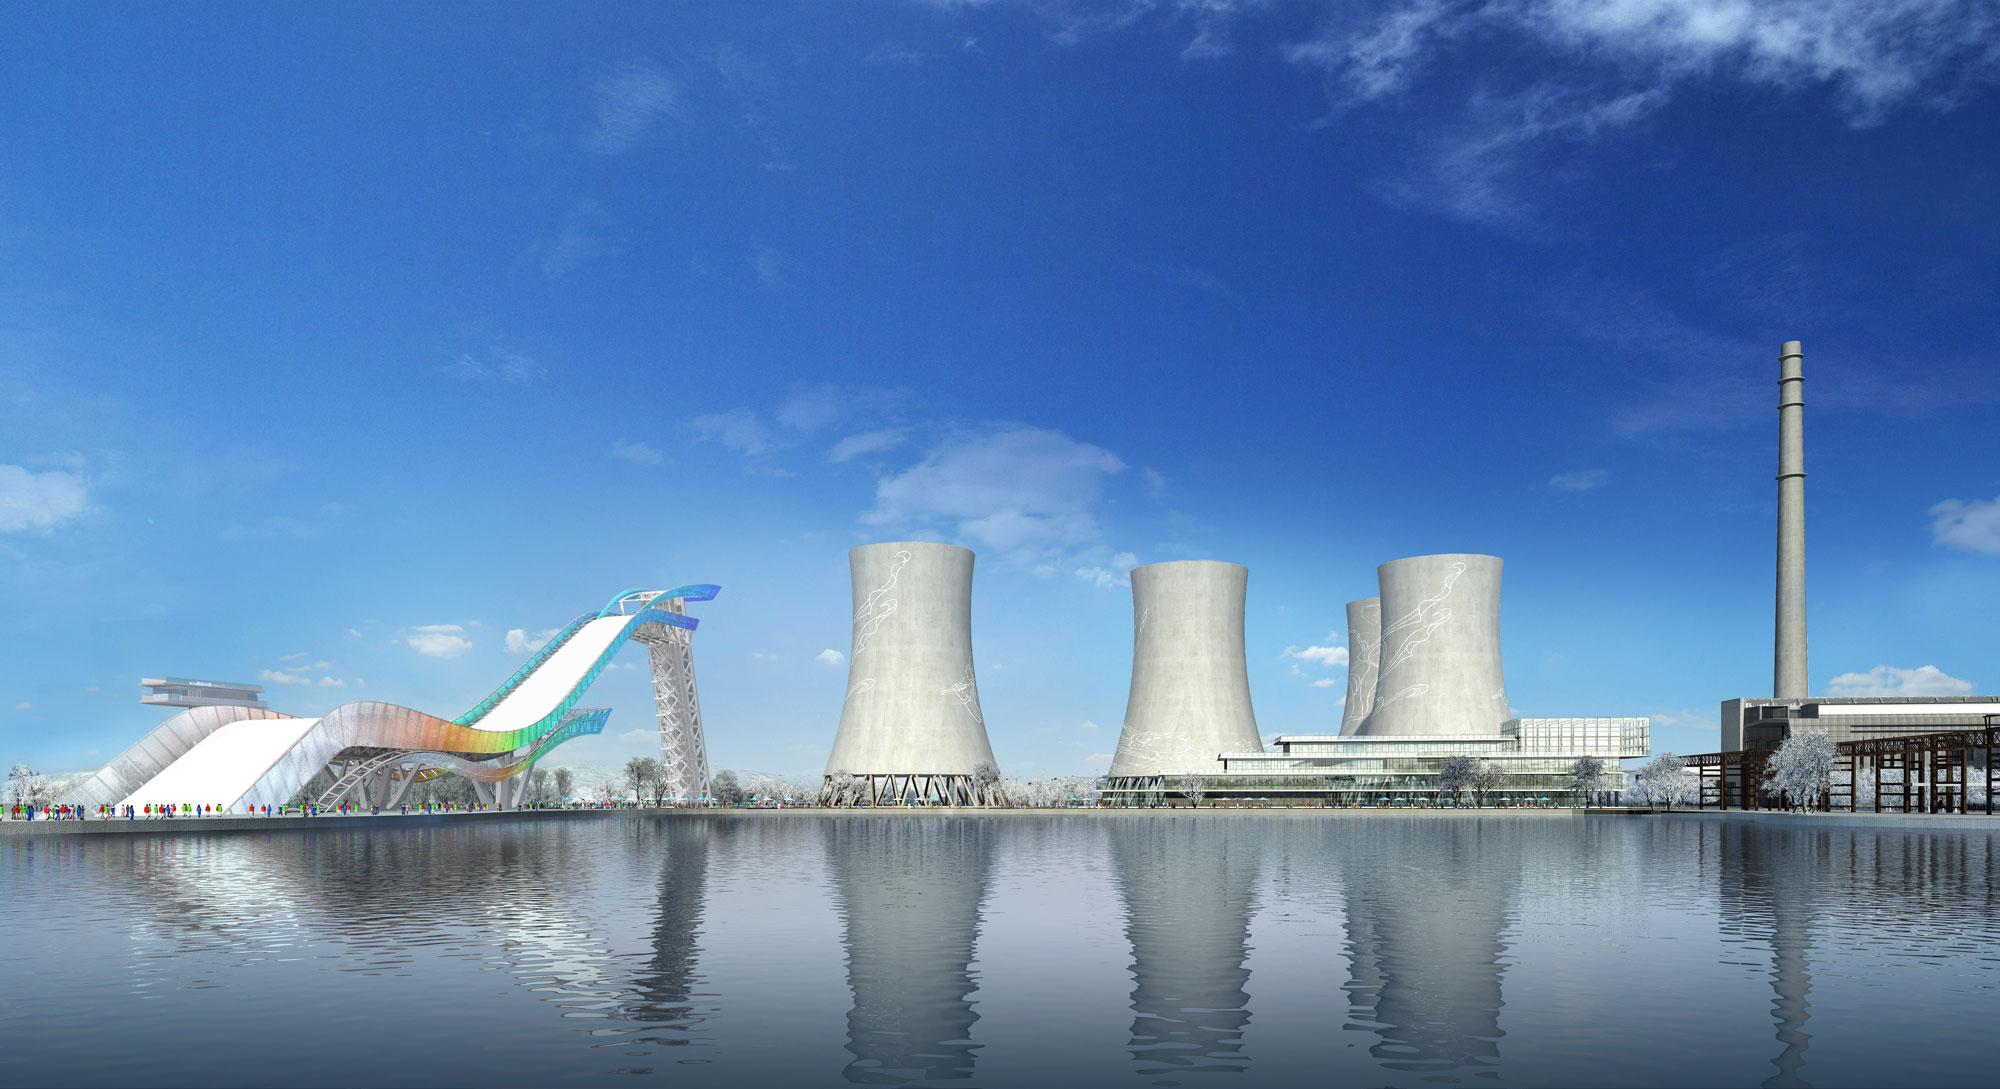 Governo regional chamou Li para transformar uma antiga usina de aço em um local para os Jogos de Inverno de 2022.